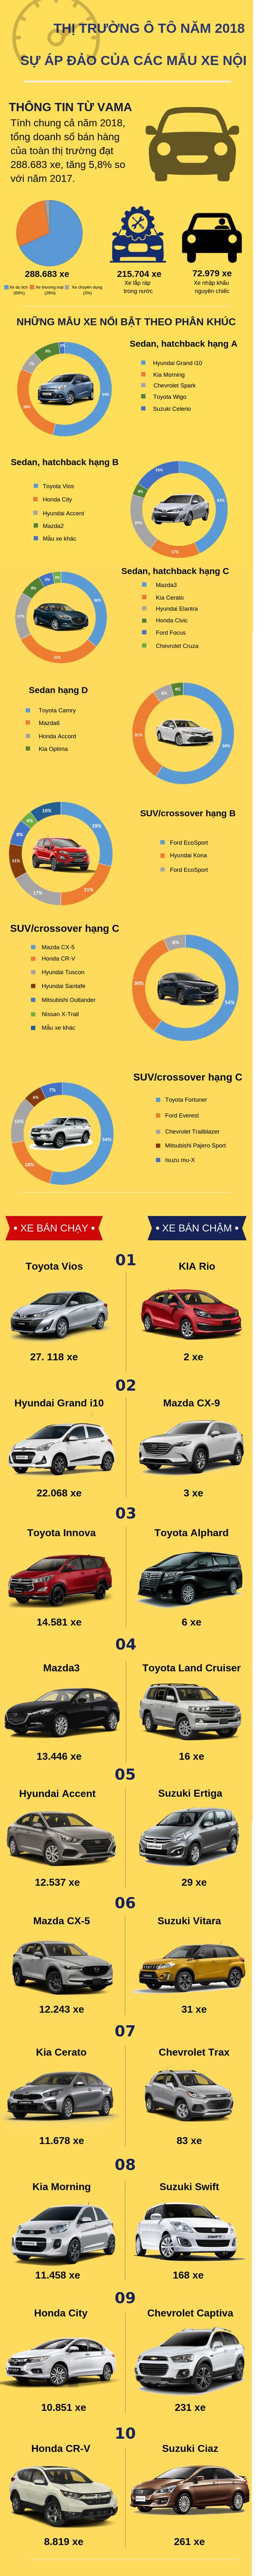 Infographic thị trường ô tô Việt Nam năm 2018: Sự áp đảo của xe nội địa - Ảnh 1.